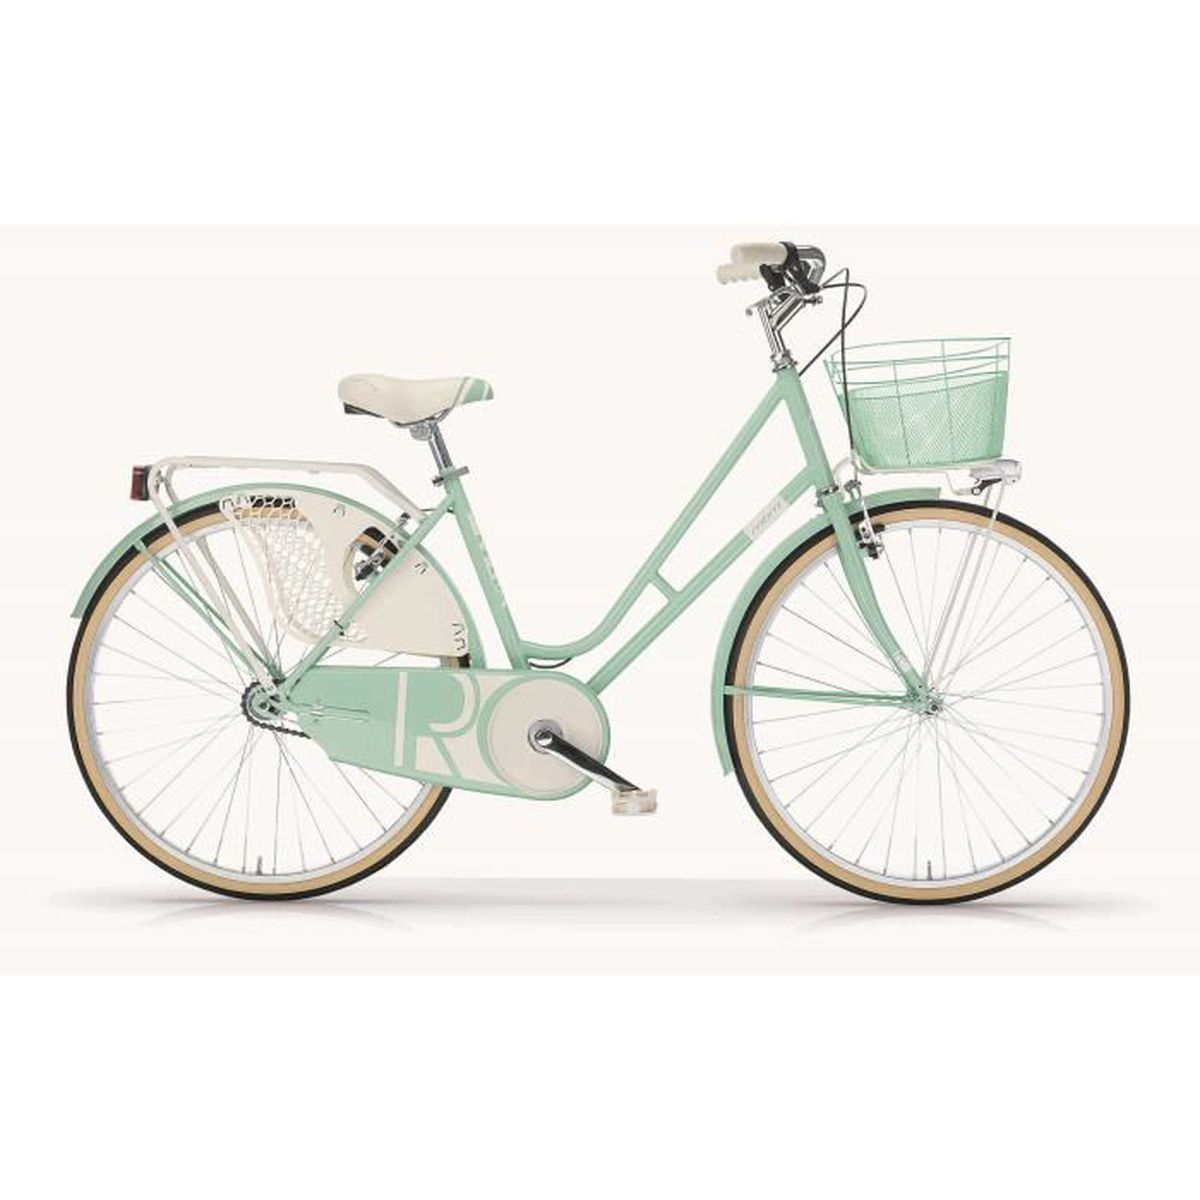 oldstyle v lo pour femme mbm riviera 26 pouces avec ch ssis en acier vert mint prix pas cher. Black Bedroom Furniture Sets. Home Design Ideas